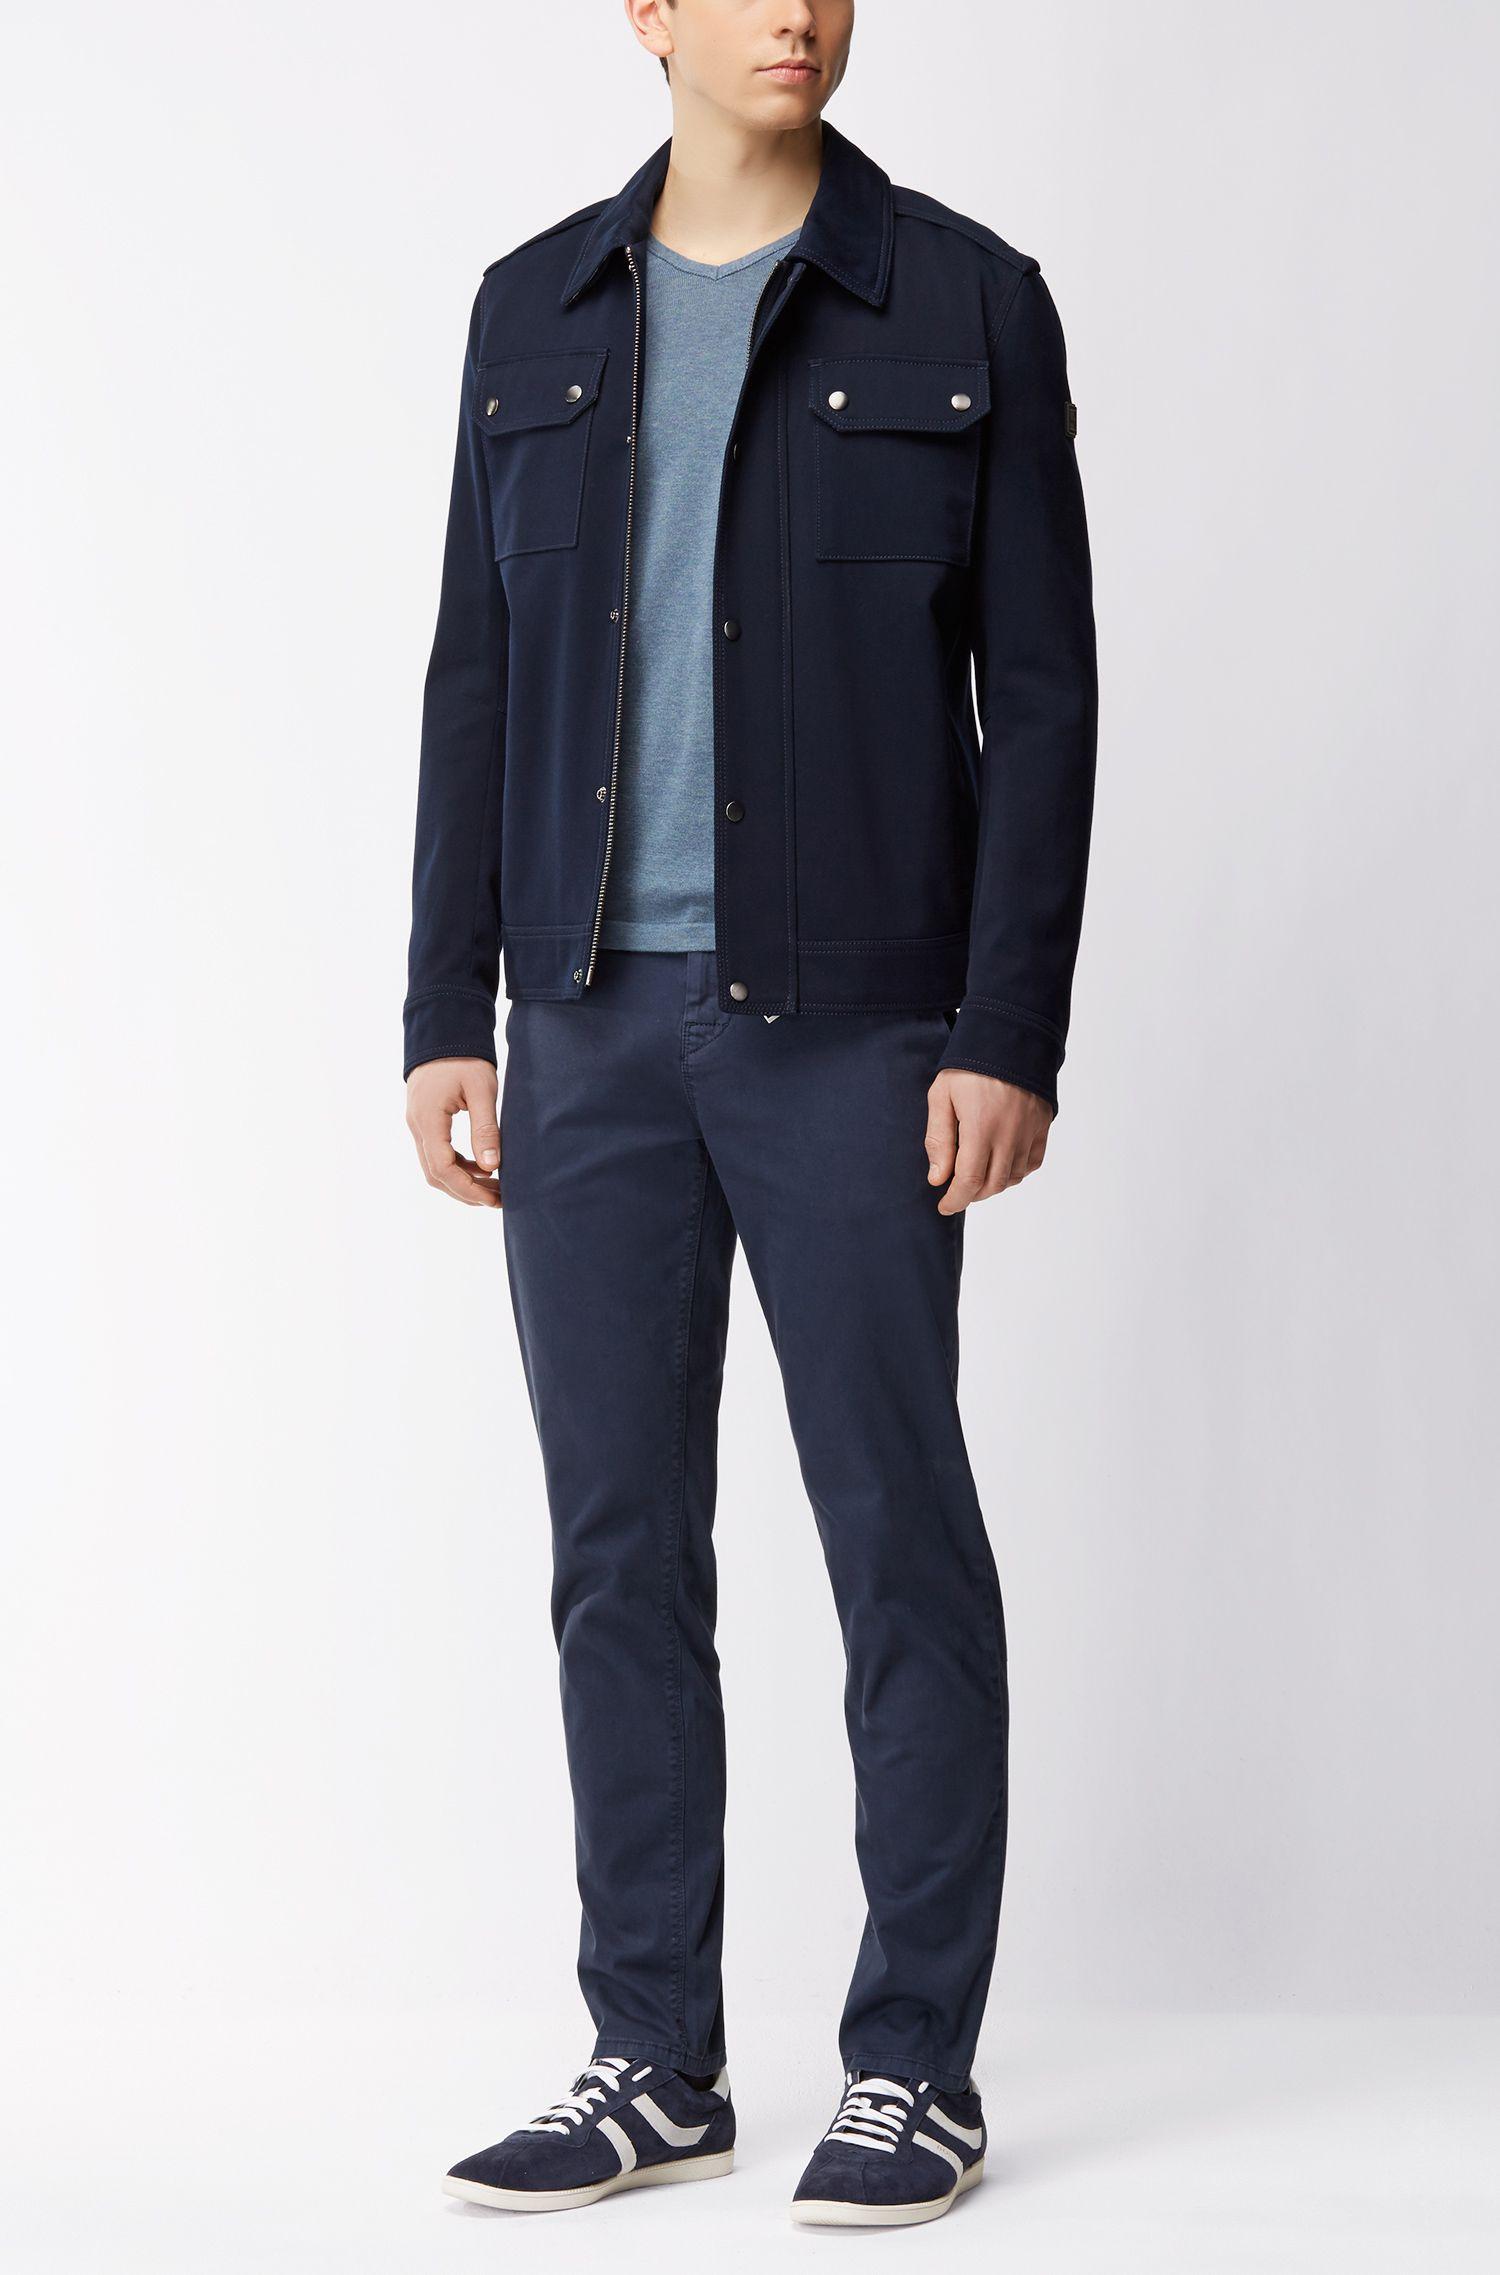 Pullover aus gestrickter Baumwolle mit V-Ausschnitt und Paspel-Details